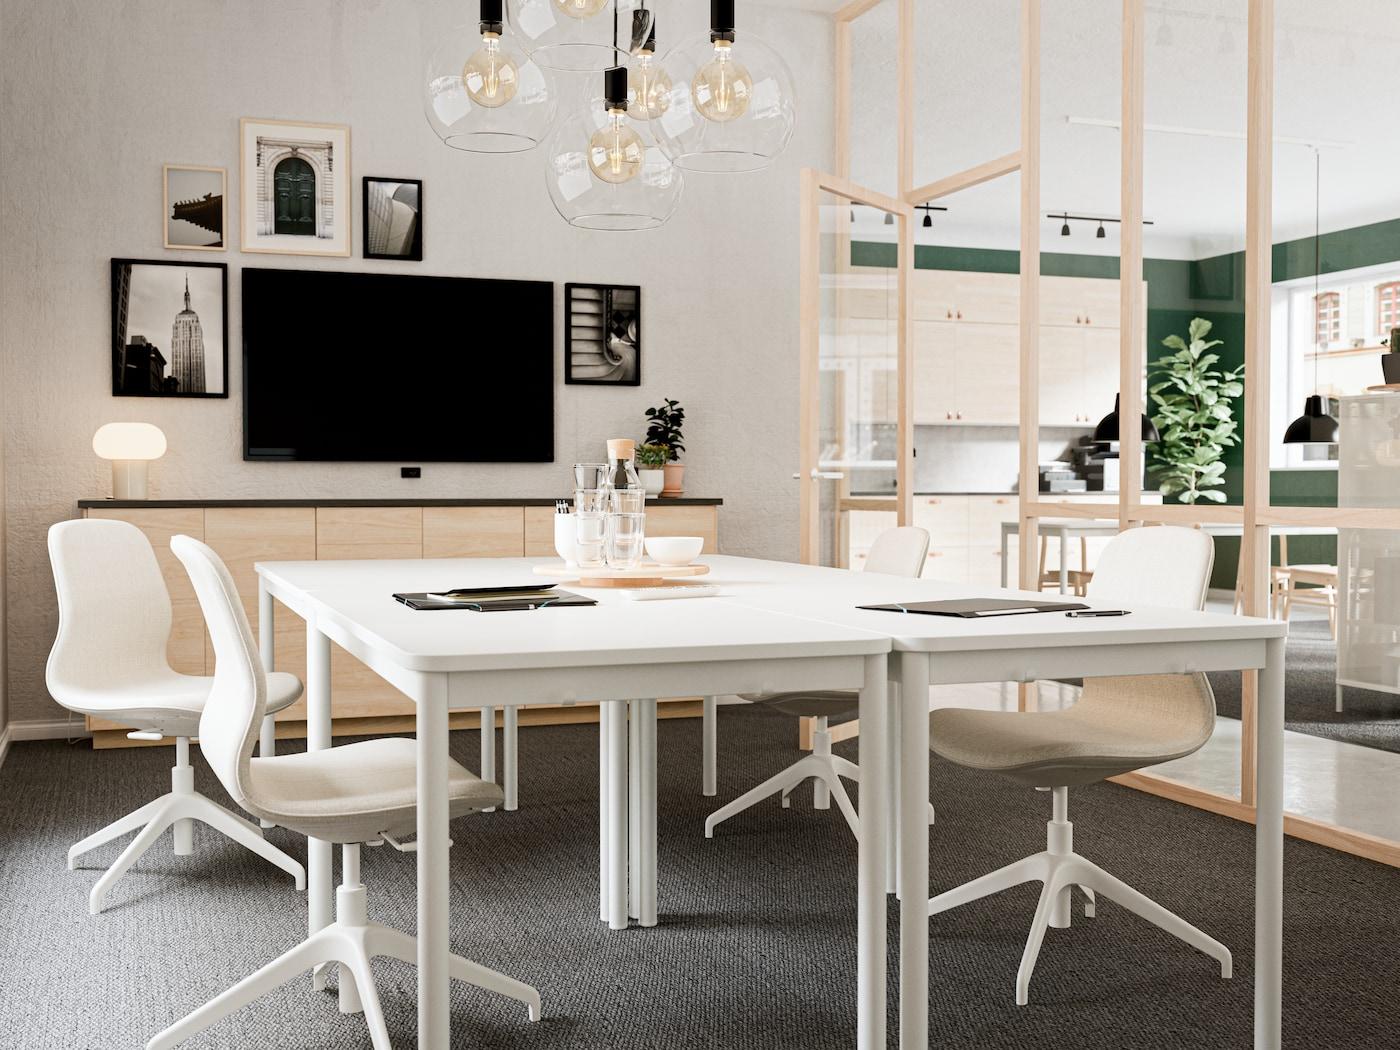 Oficina de trabajo con auténtica mesa blanca de IKEA modelo TOMMARYD, con sillas blancas que complementan el espacio de trabajo. Una pantalla para proyectar, utensilios de oficina y luces para iluminar la sala.